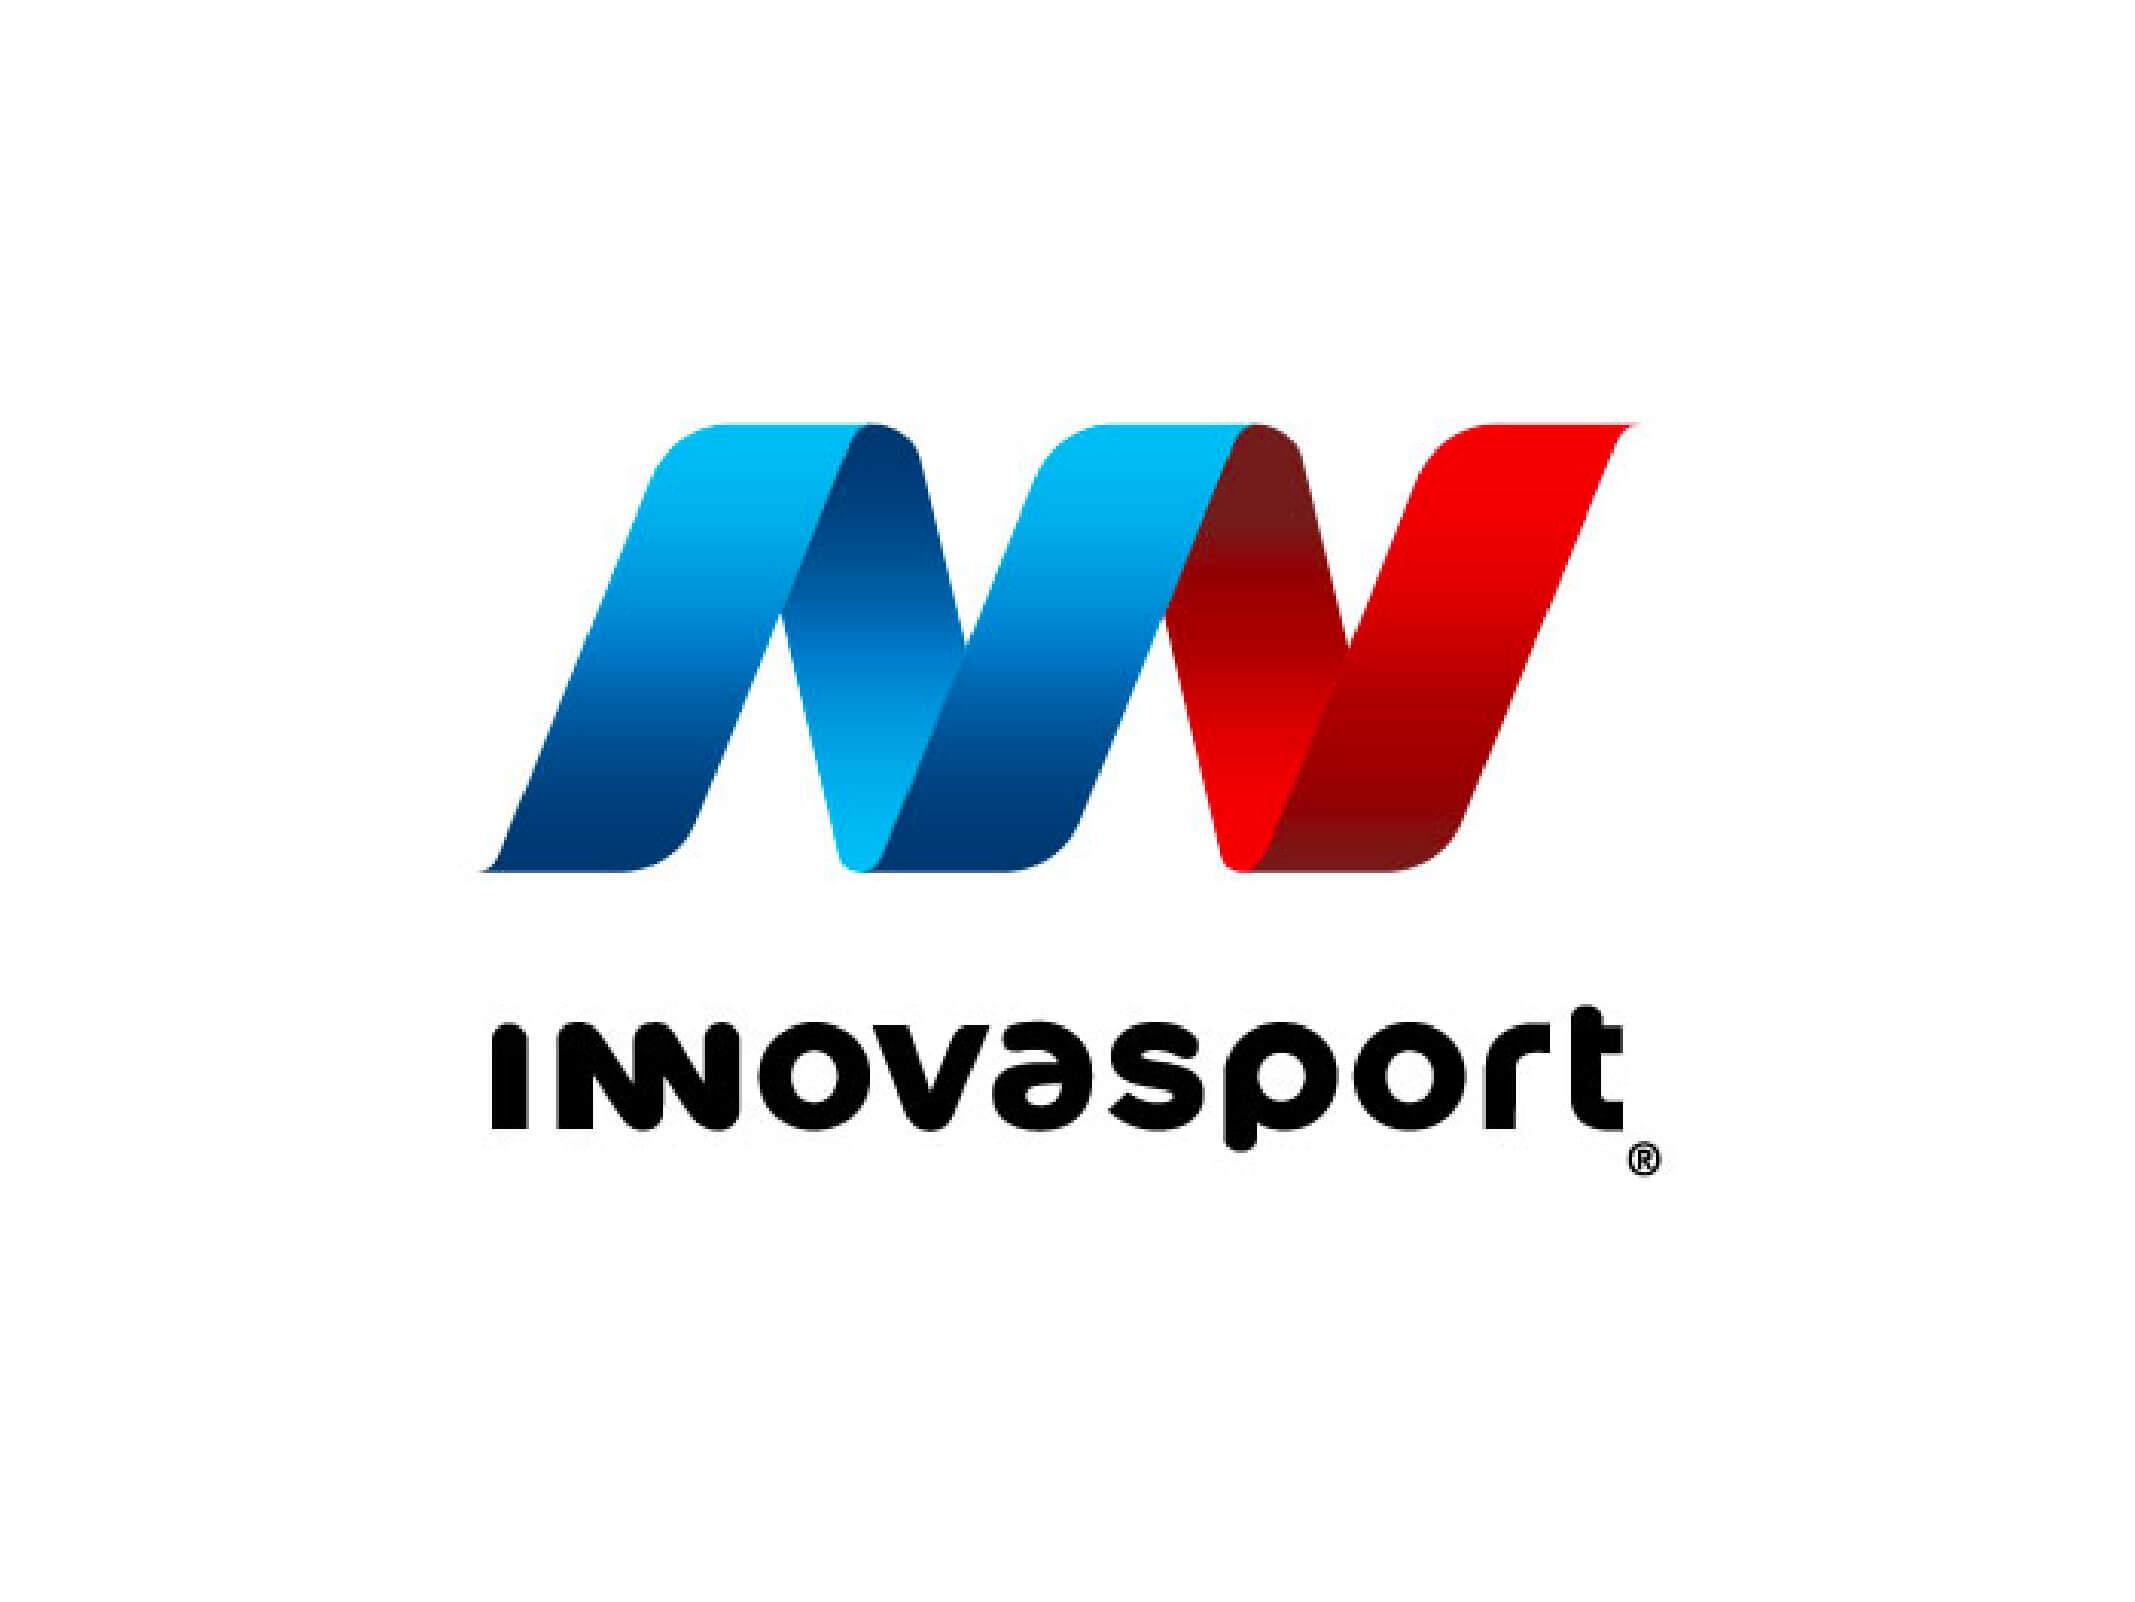 logo-clientes-innovasport